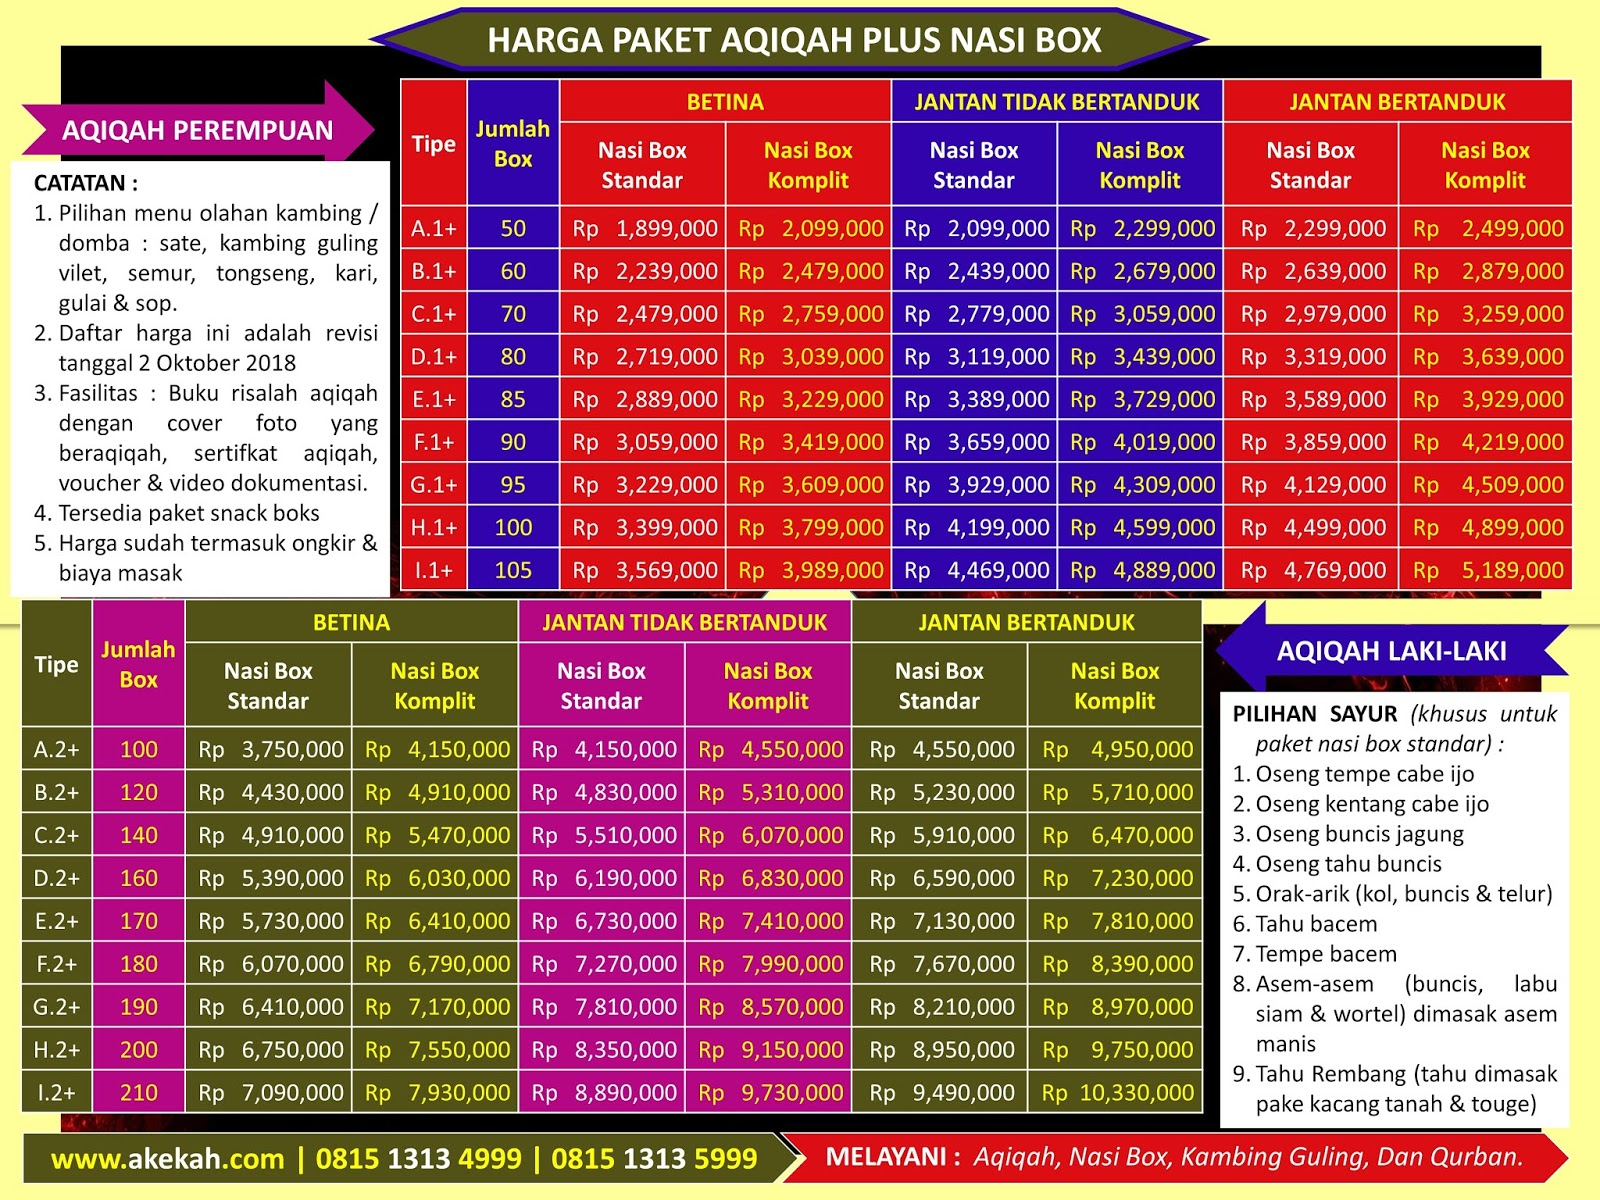 Harga Paket Akikah Dan Catering Murah Untuk Anak Laki-Laki Daerah Kabupaten Bogor